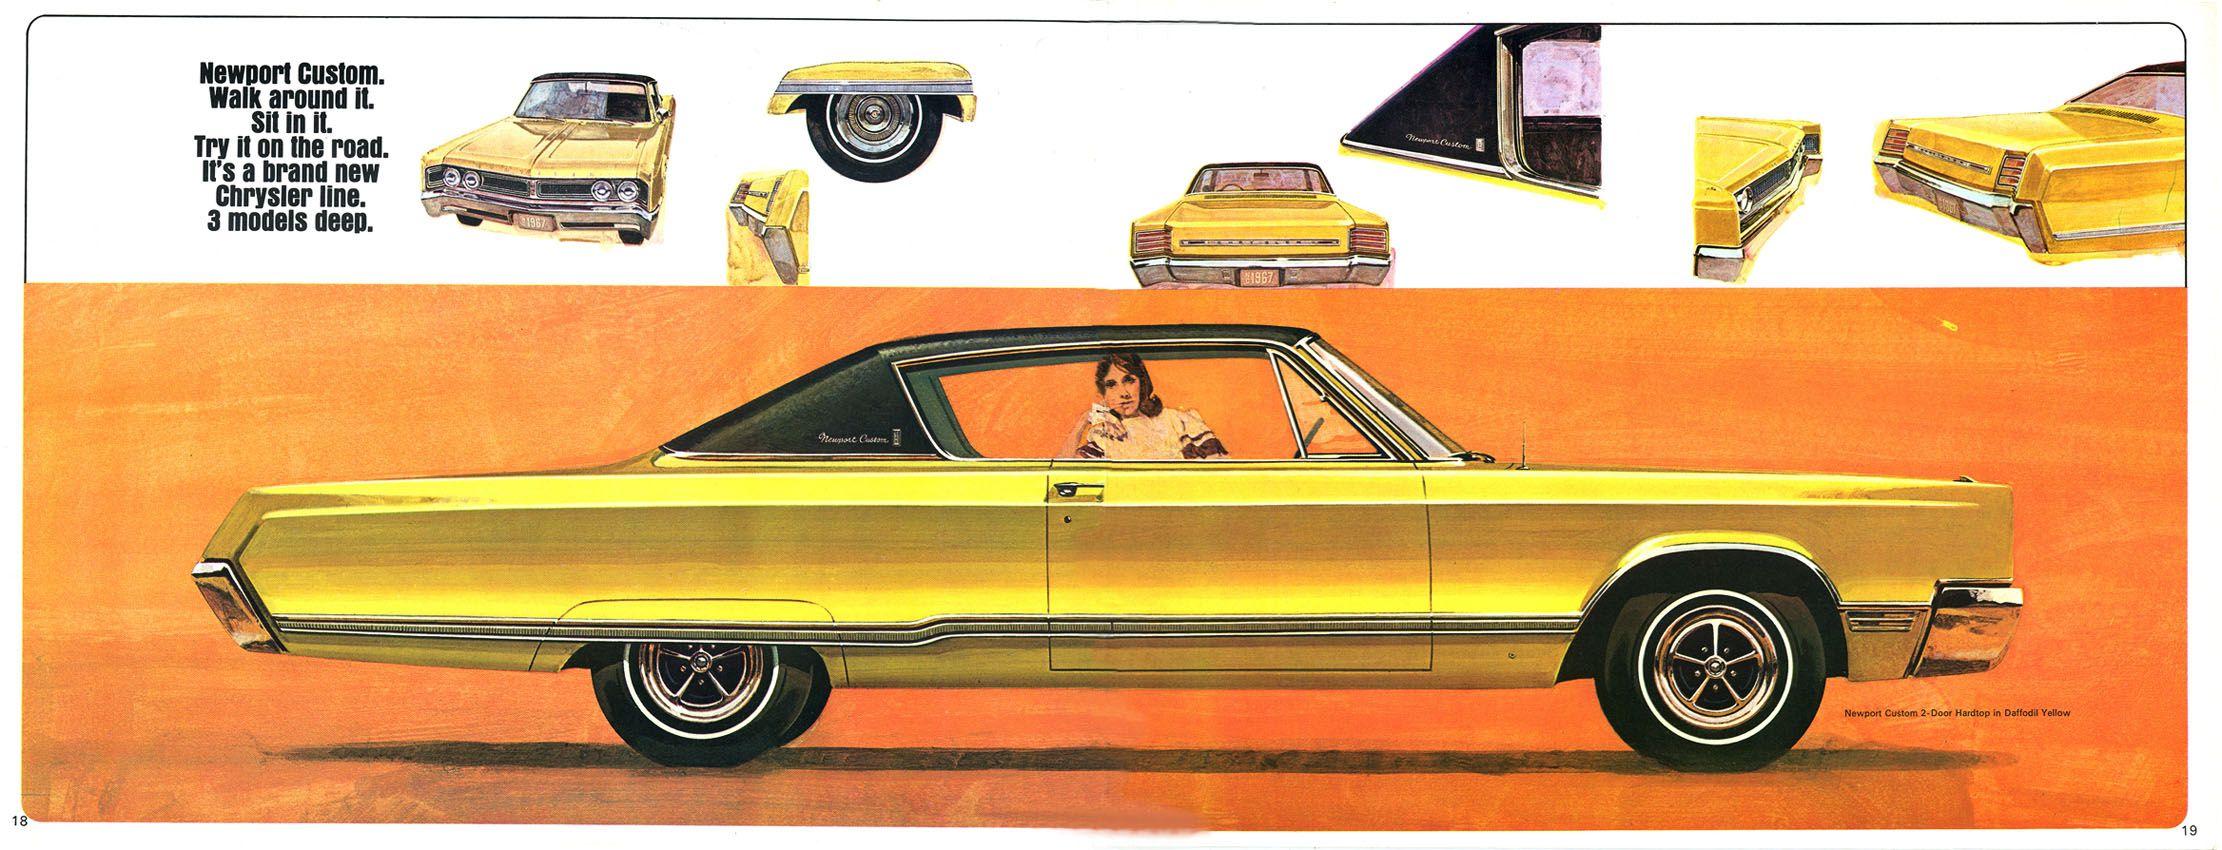 1967 Chrysler Newport Custom Two Door Hardtop Chrysler Newport